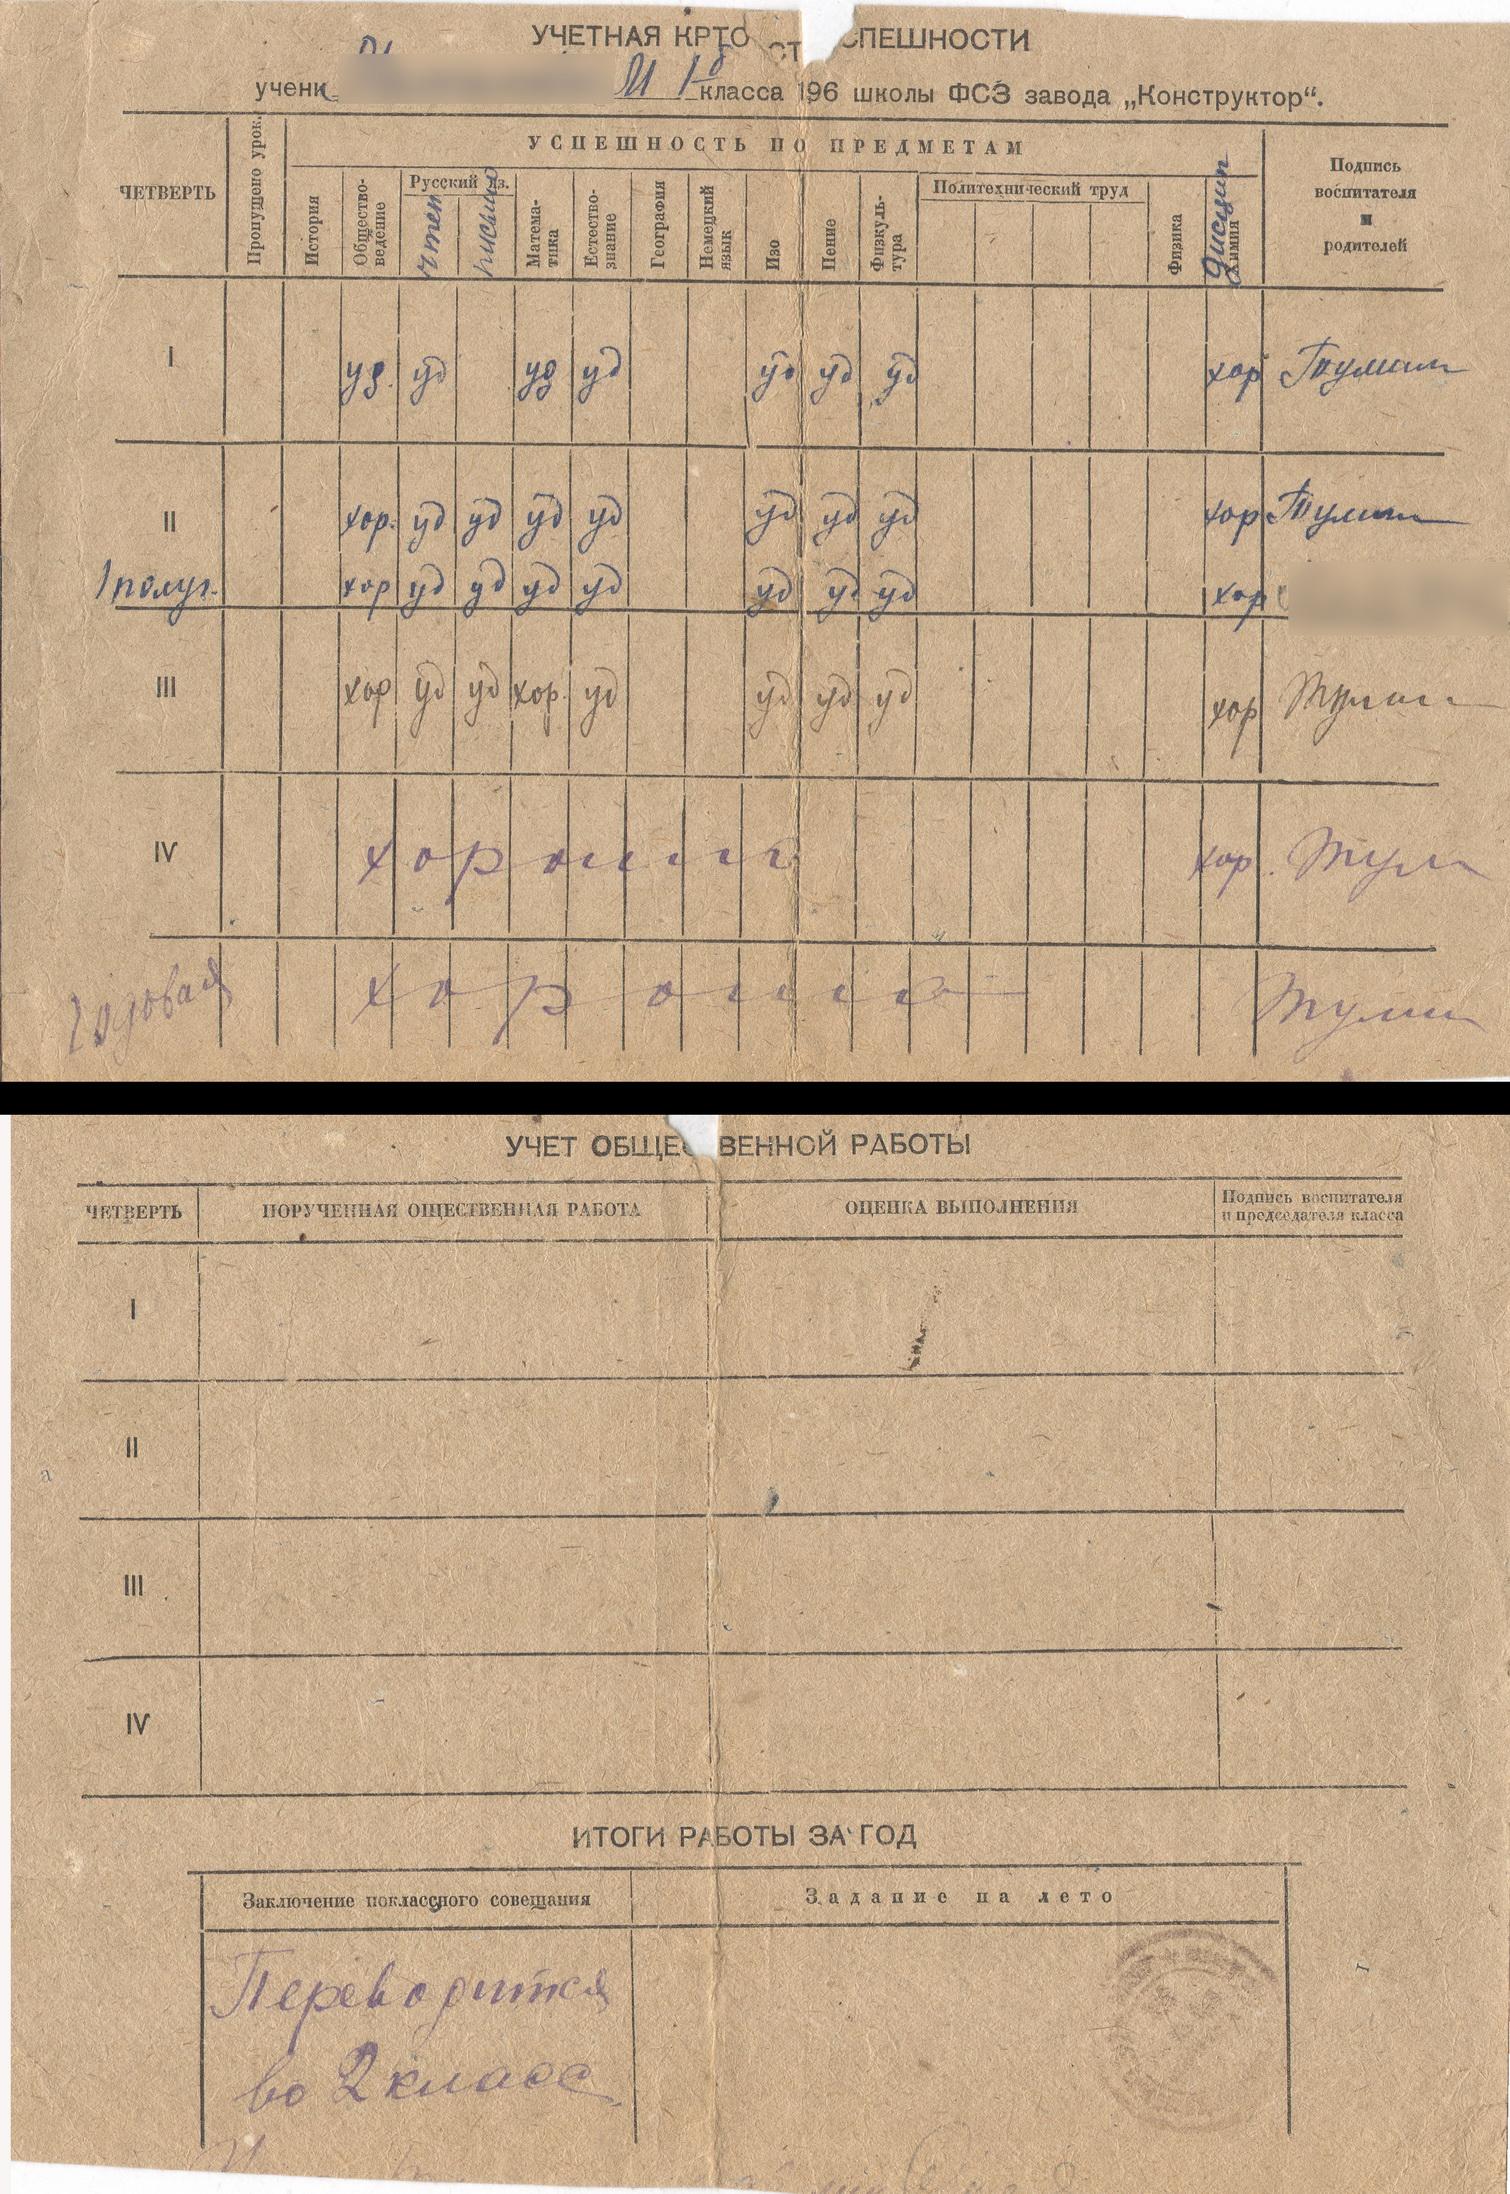 Tabel - 1932-33 - 1 klass_resize